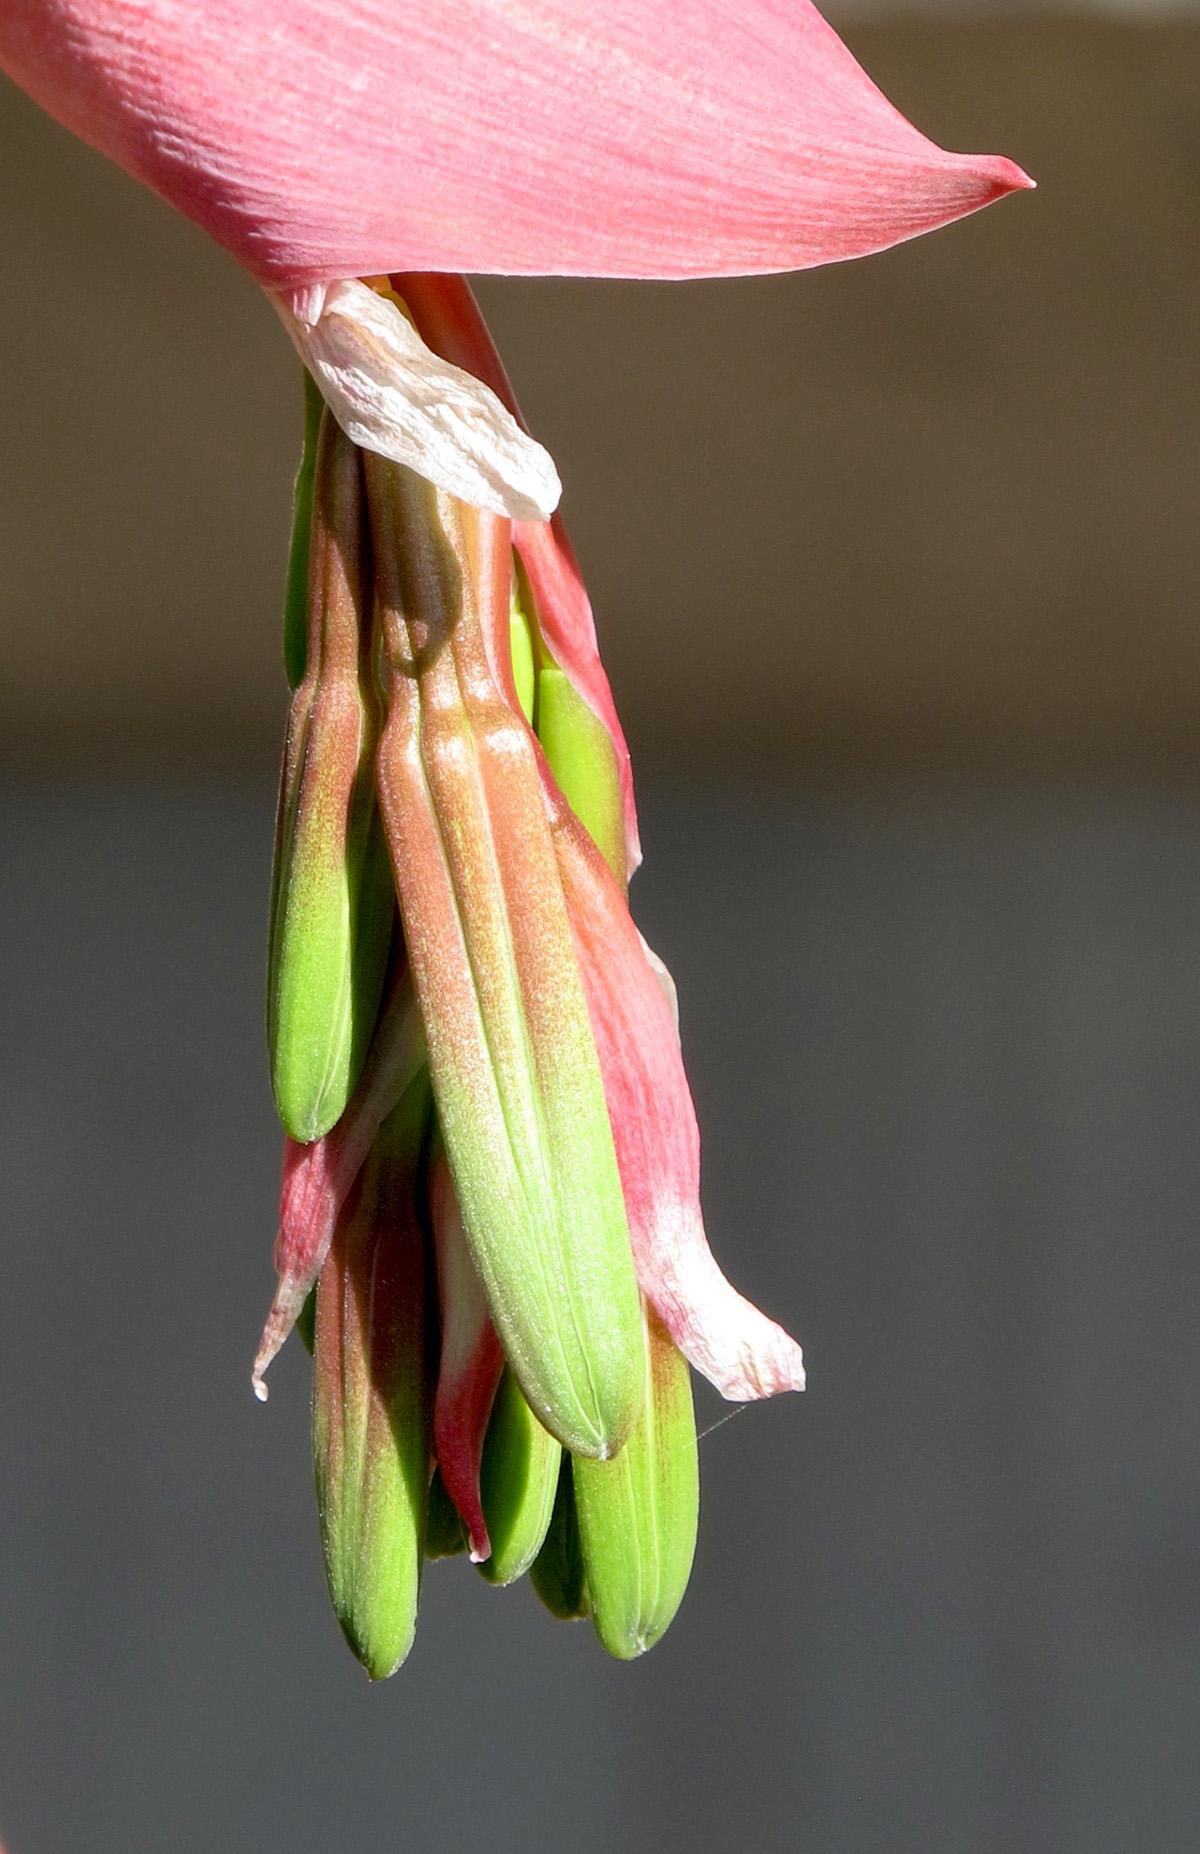 Beschorneria yuccoides 5